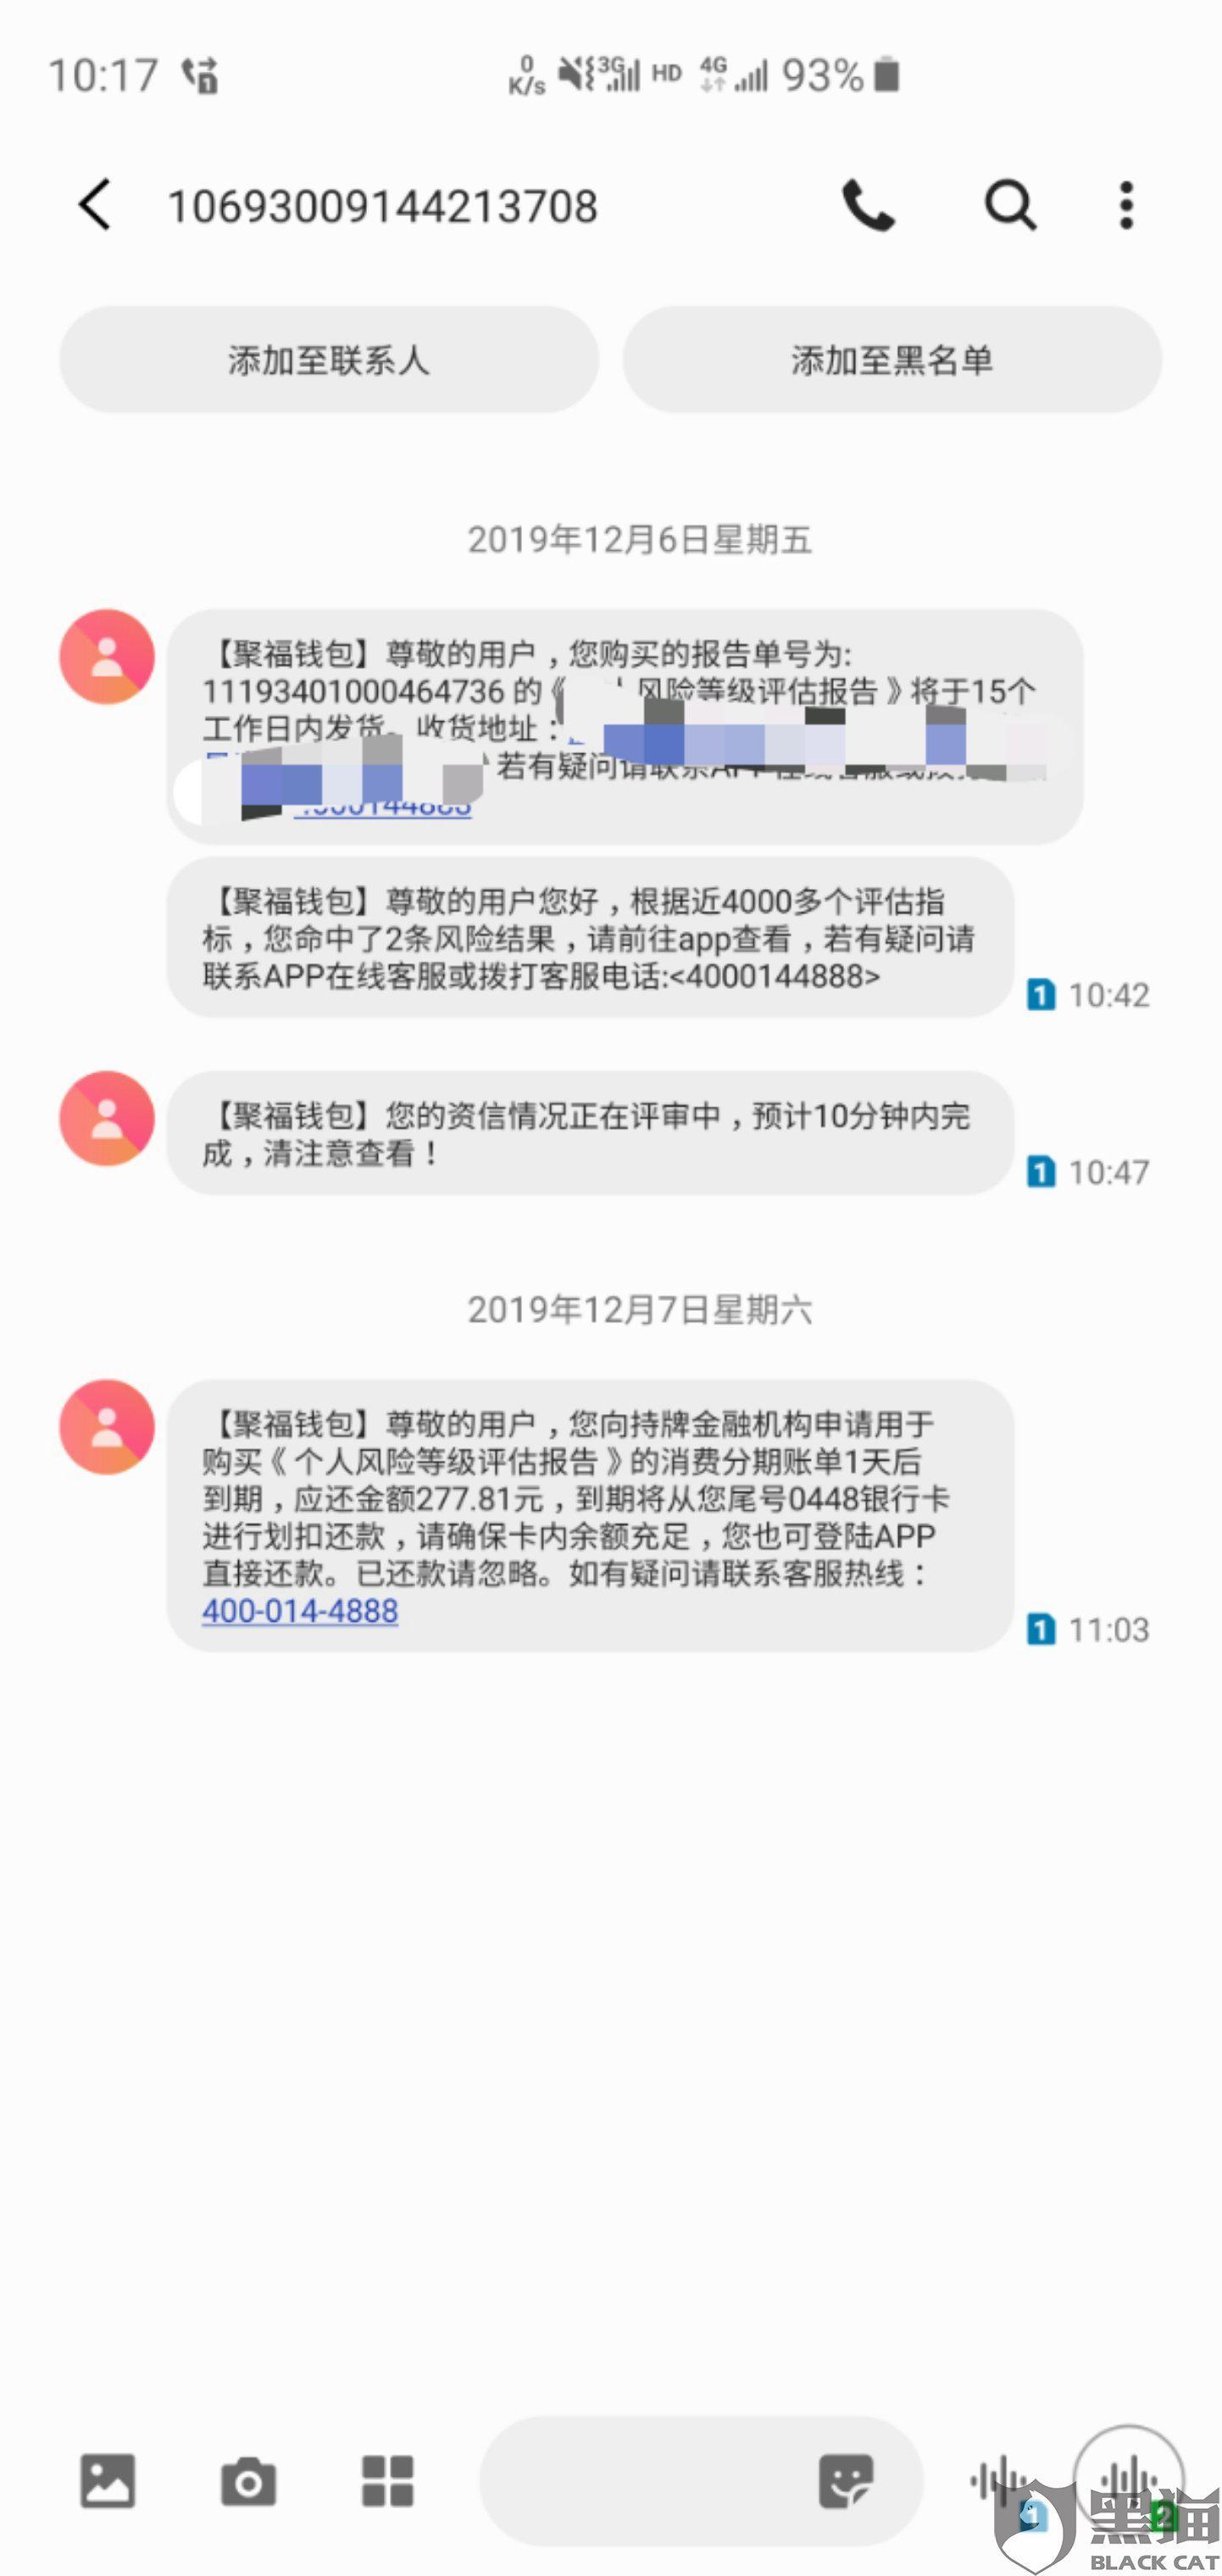 黑猫投诉:聚福钱包(上海造艺网络科技有限公司)未经许可擅自扣掉我银行卡299元报告费